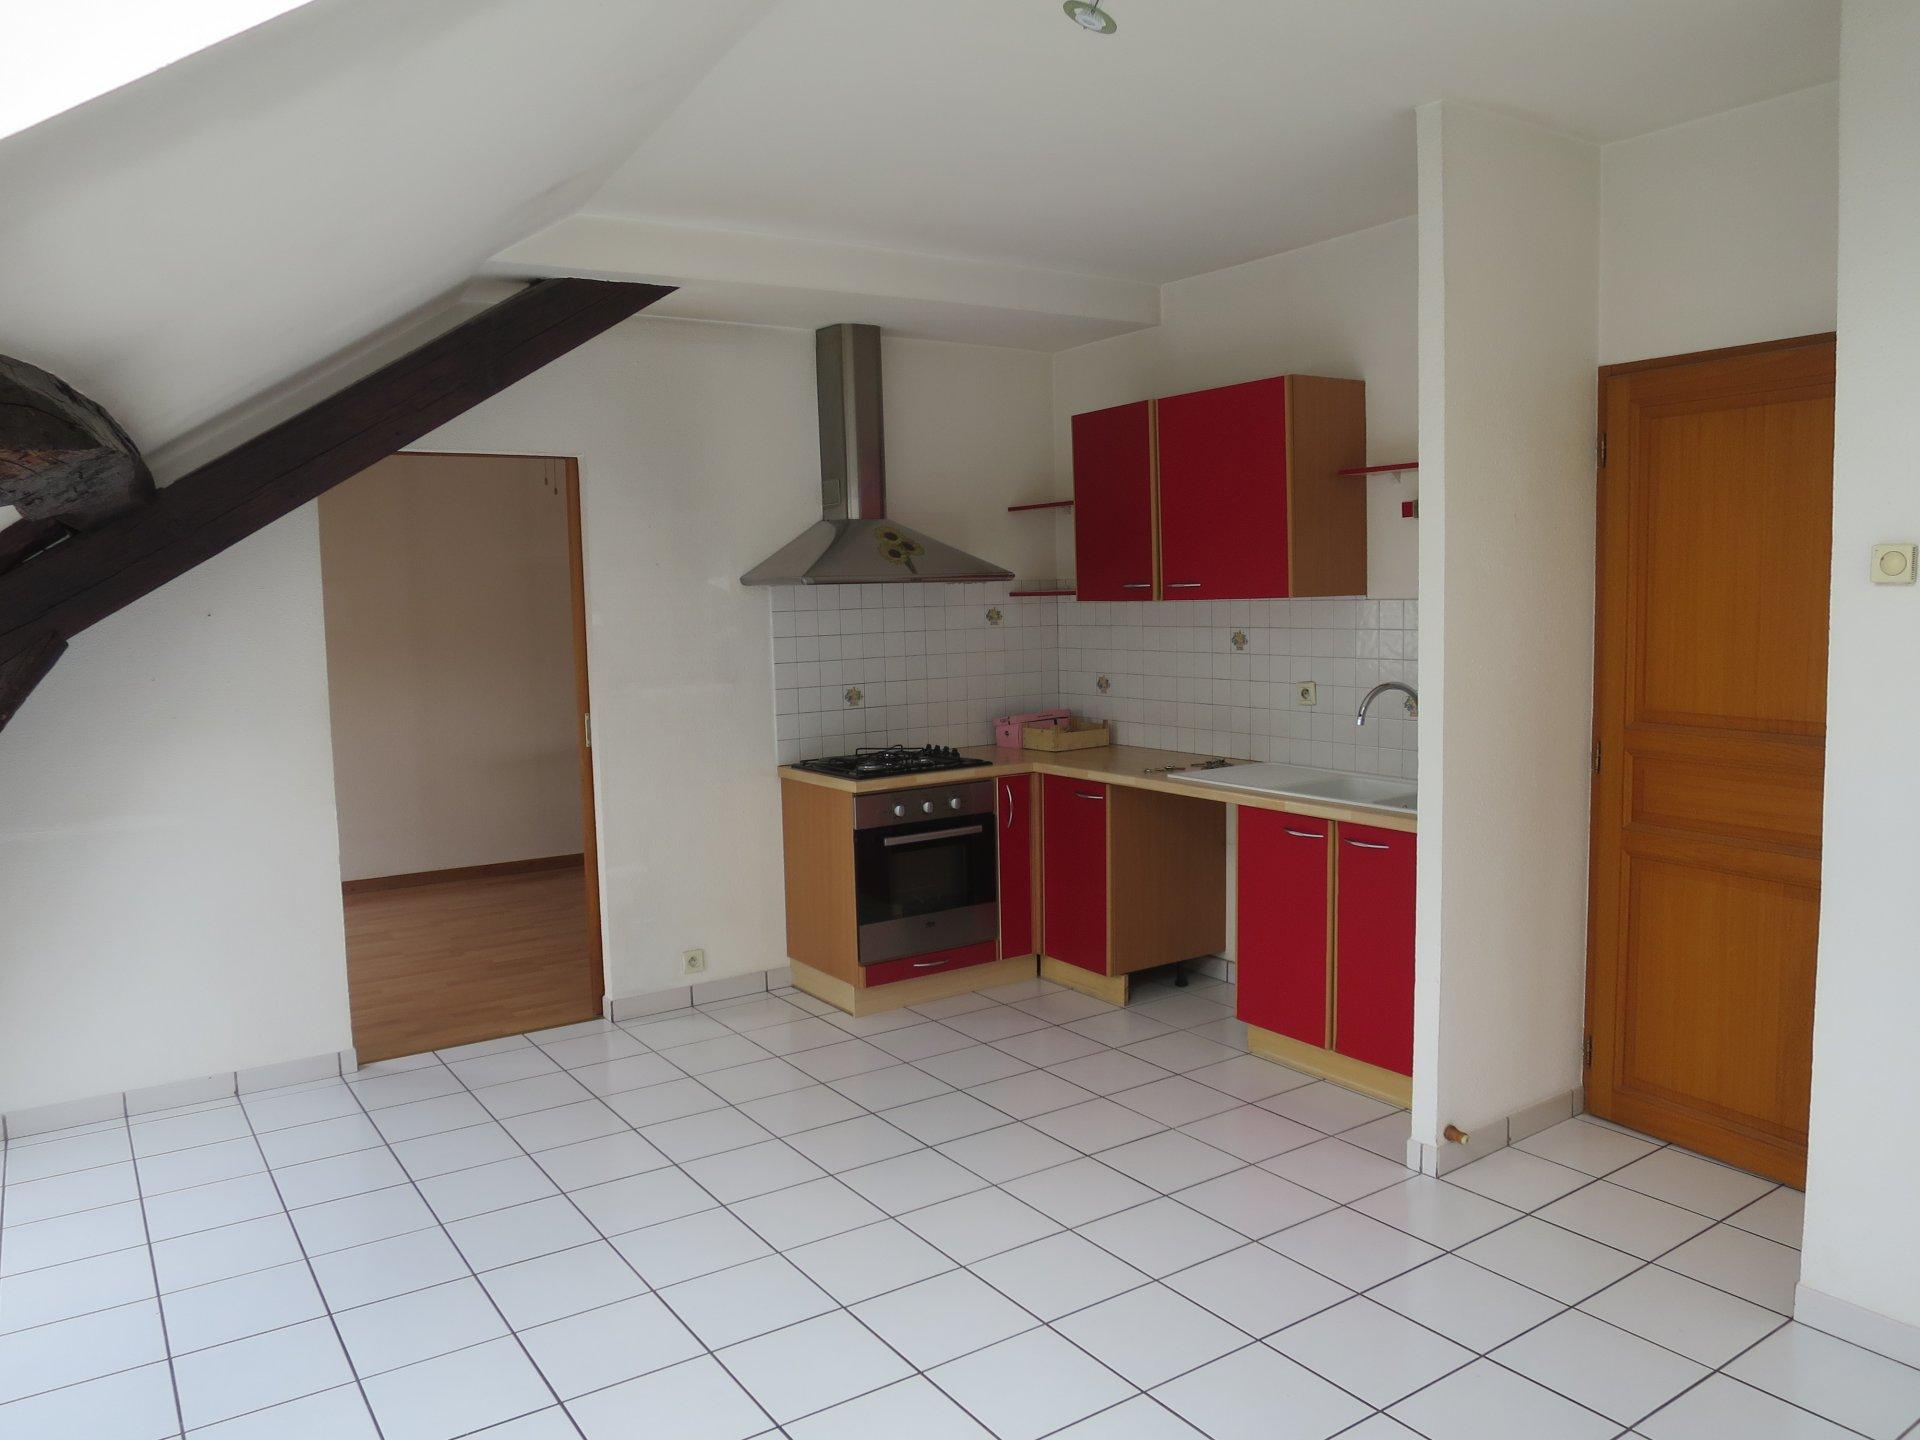 T3 - 55 m² sur place Mairie